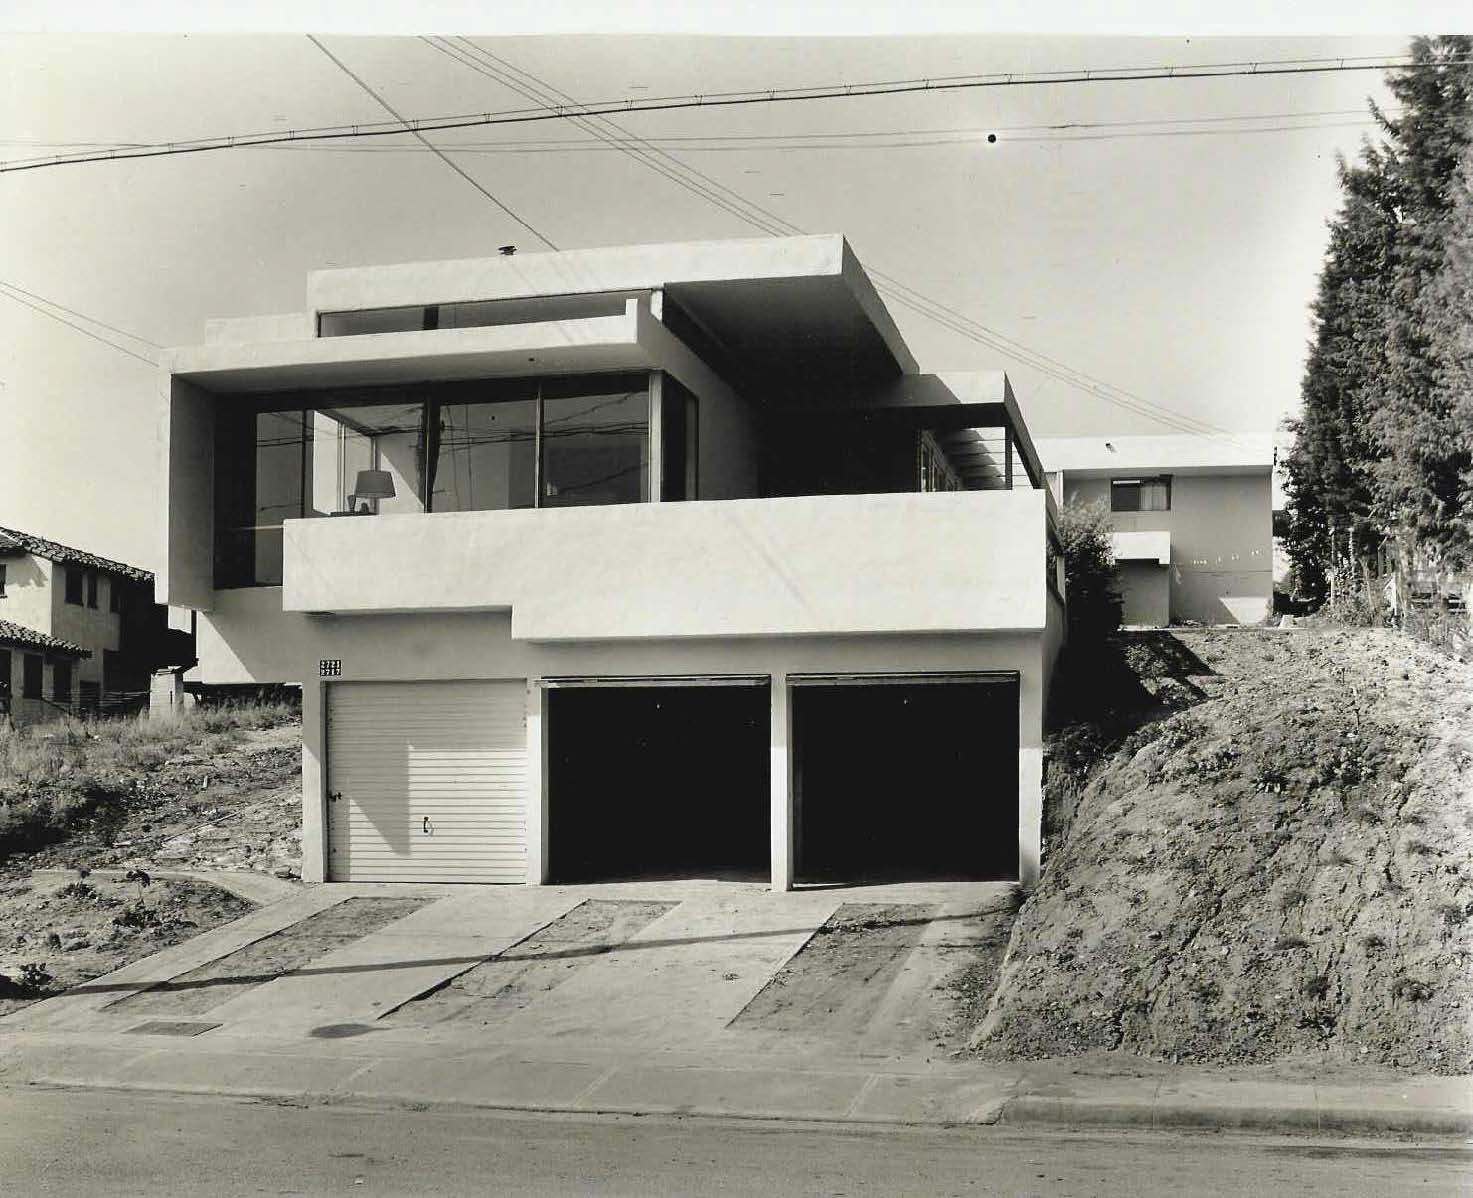 McAlmon House - PHOTO